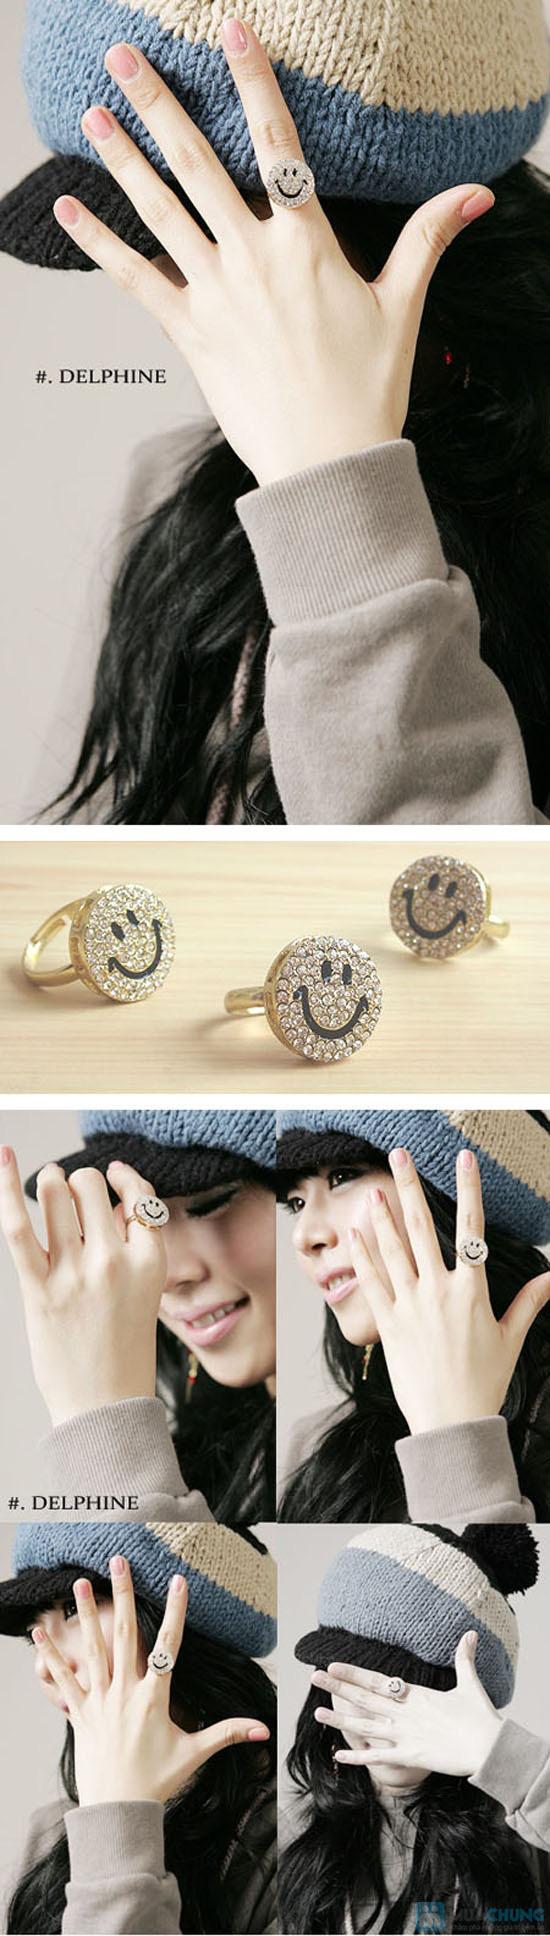 Vòng đeo tay và nhẫn mặt cười - Làm nổi bật cổ tay trắng ngà bạn gái - Chỉ 73.000đ/ 01 combo - 9